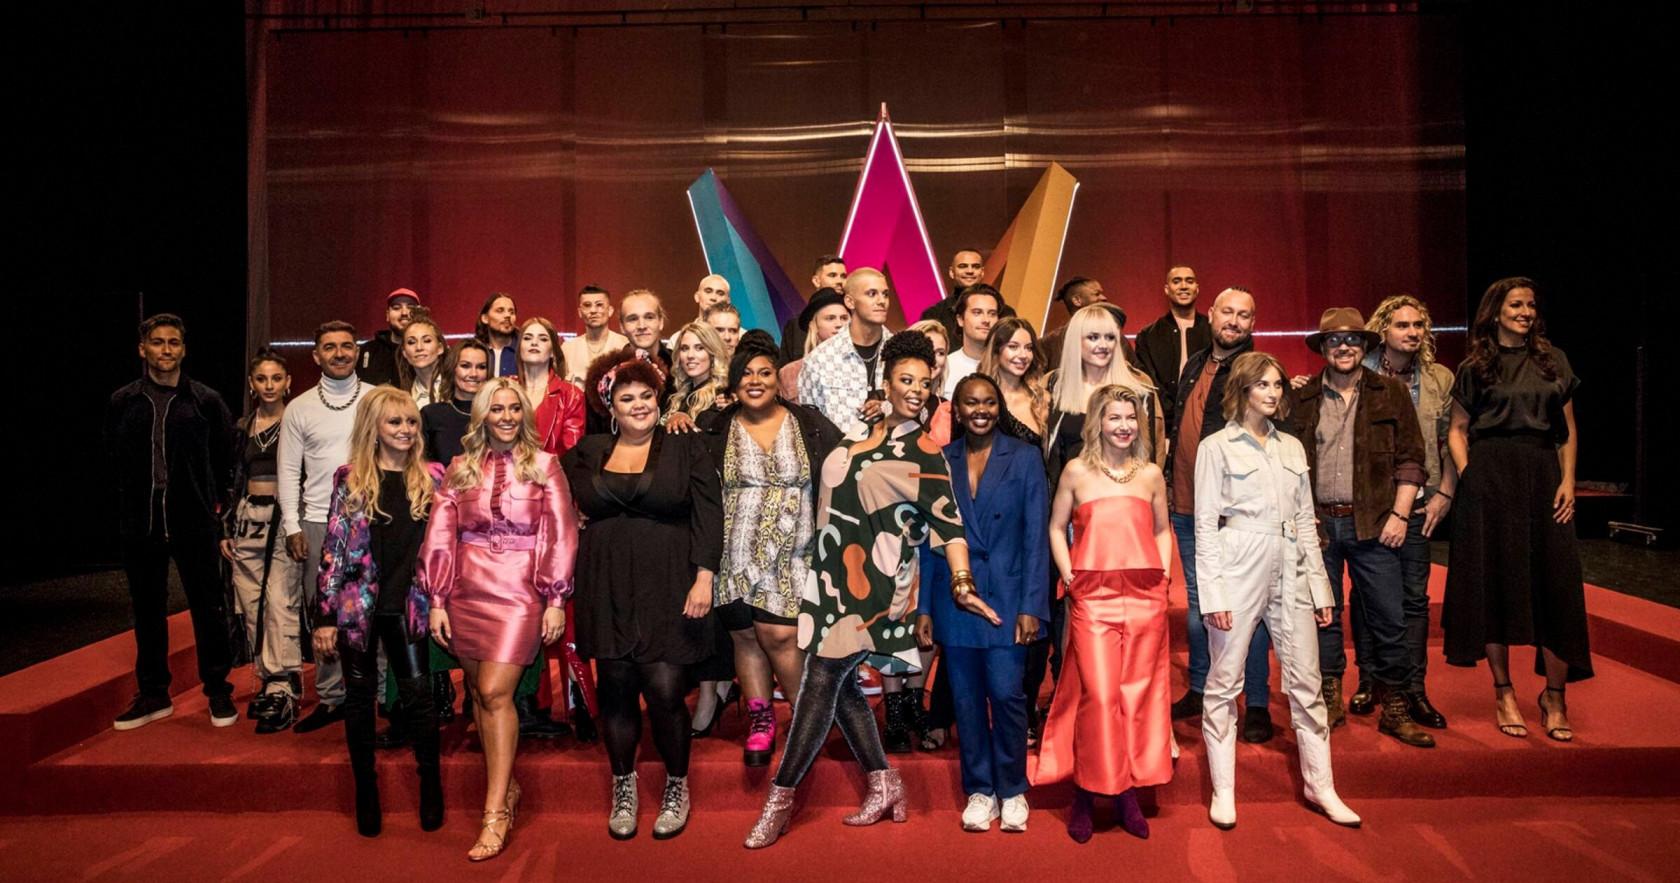 Sweden: The 28 Melodifestivalen 2020 participants unveiled